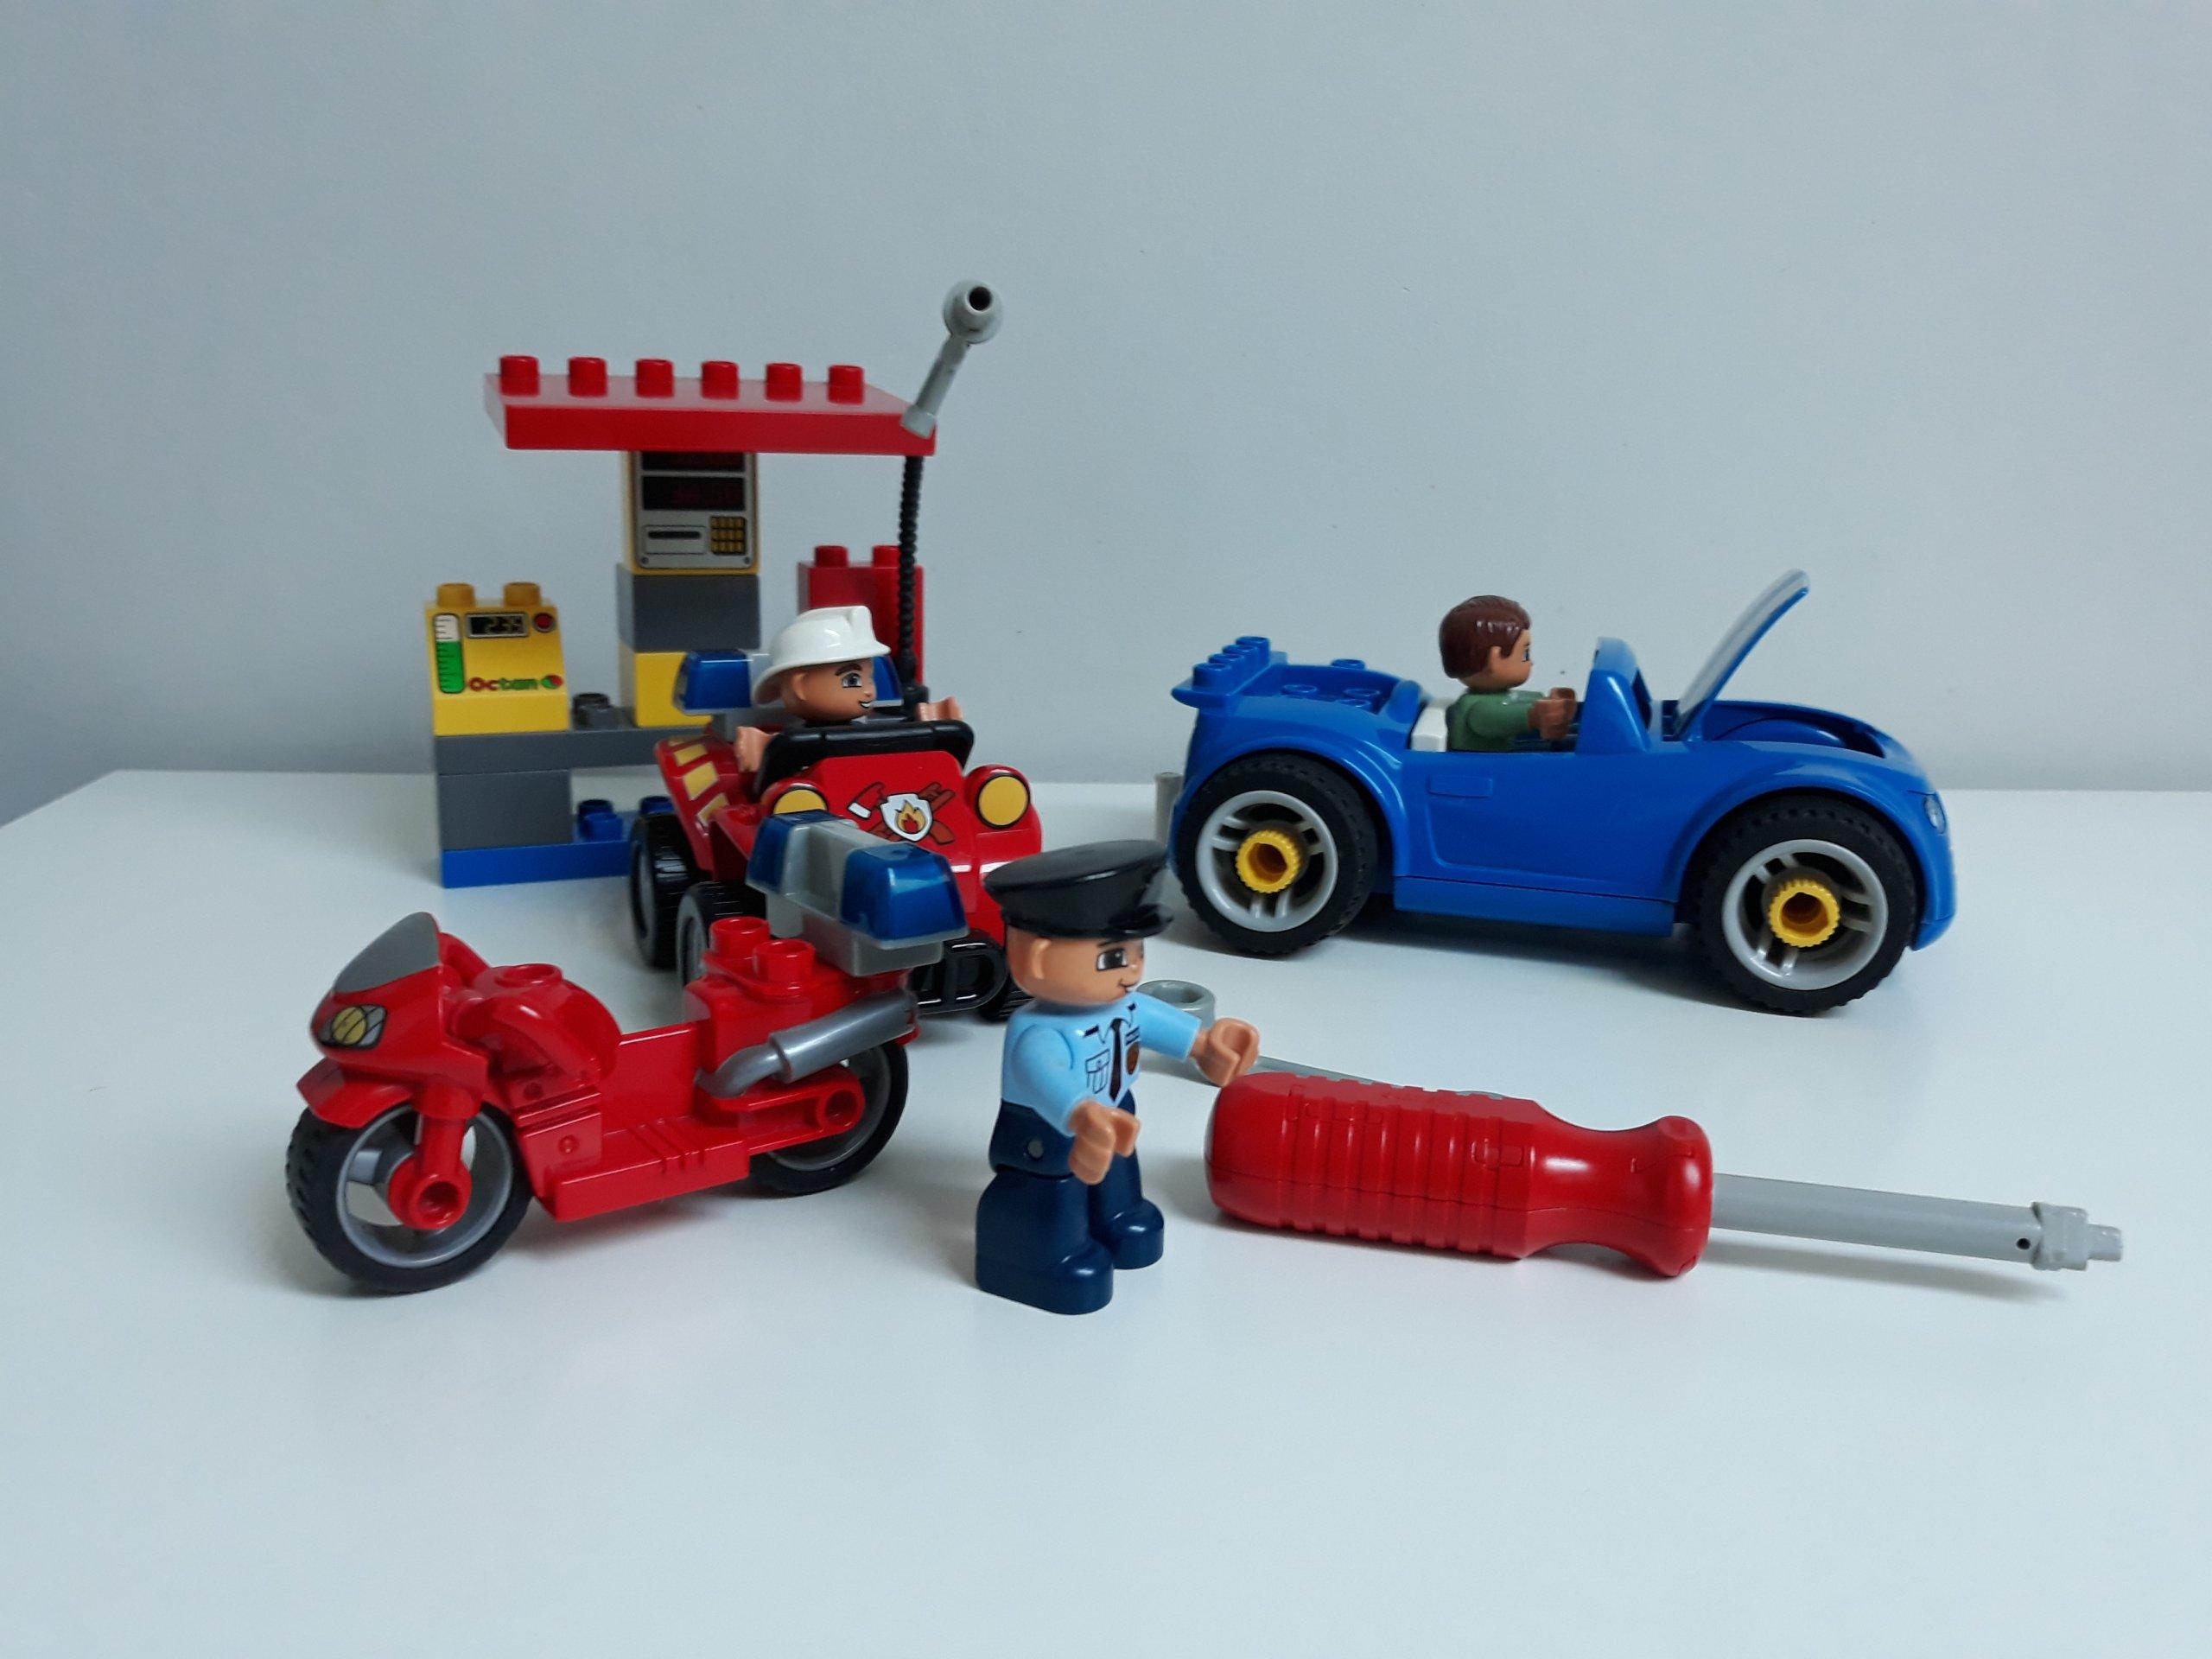 Klocki Lego Duplo Zestawy Dla Chłopców Rózne 7403576766